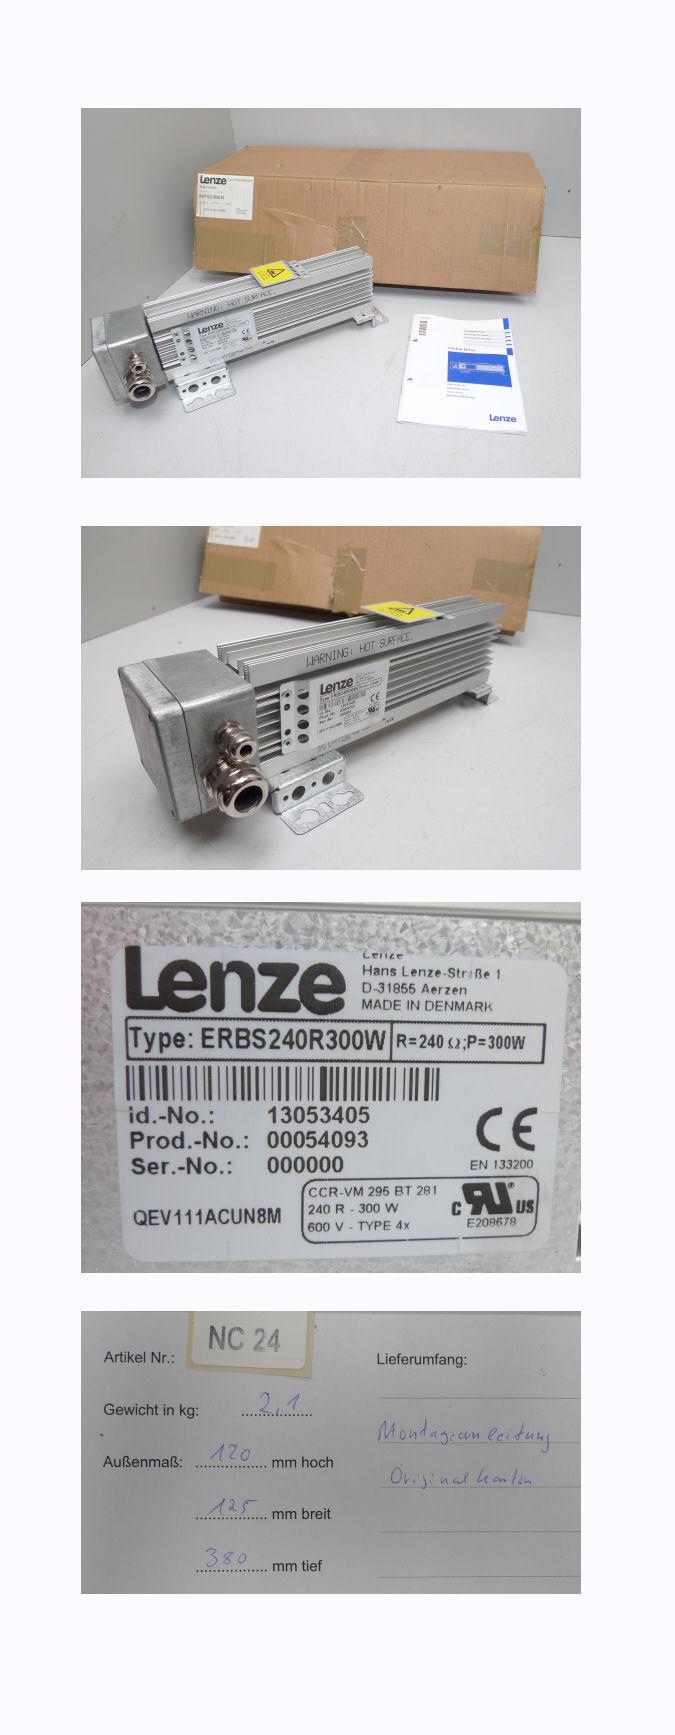 Lenze ERBS240R300W